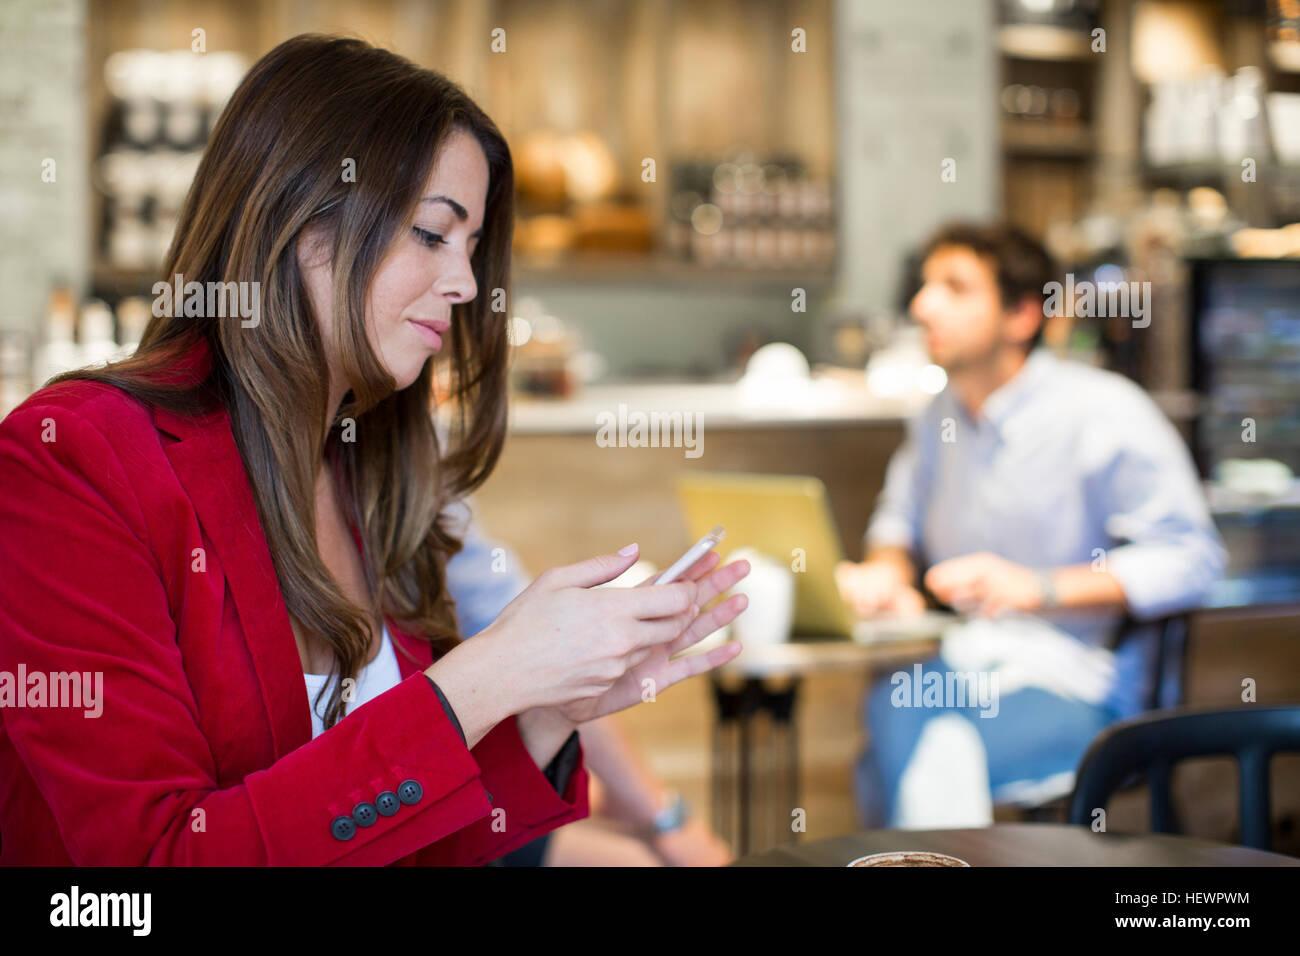 Giovane donna la lettura di testi di smartphone in cafe Immagini Stock